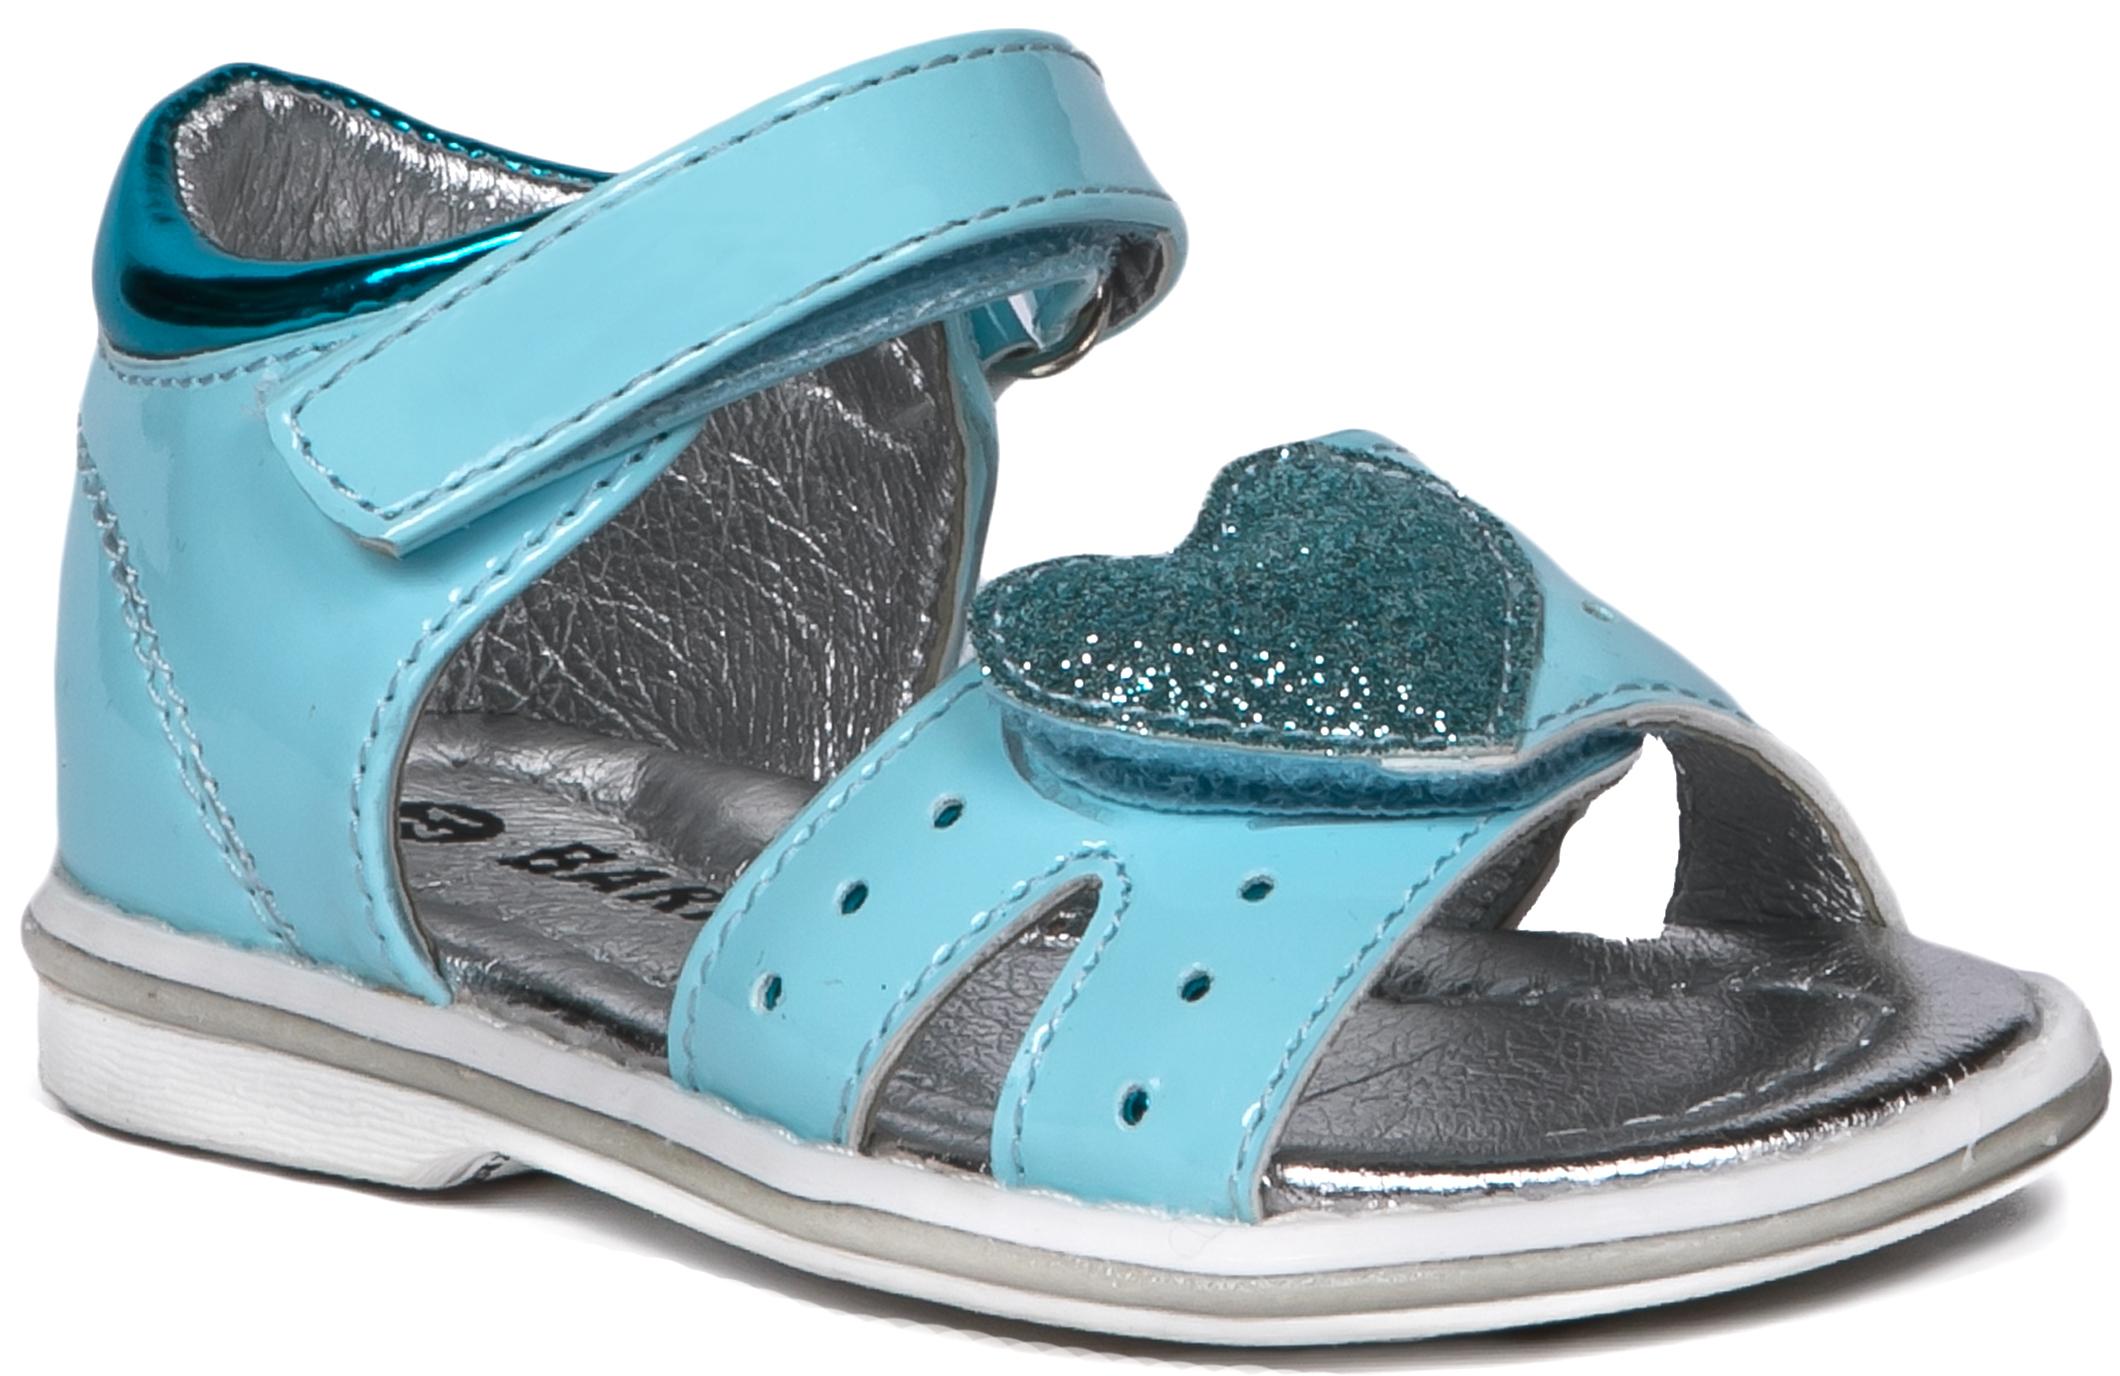 Купить Босоножки, Туфли летние для девочки Barkito, светло-голубой, Китай, Женский